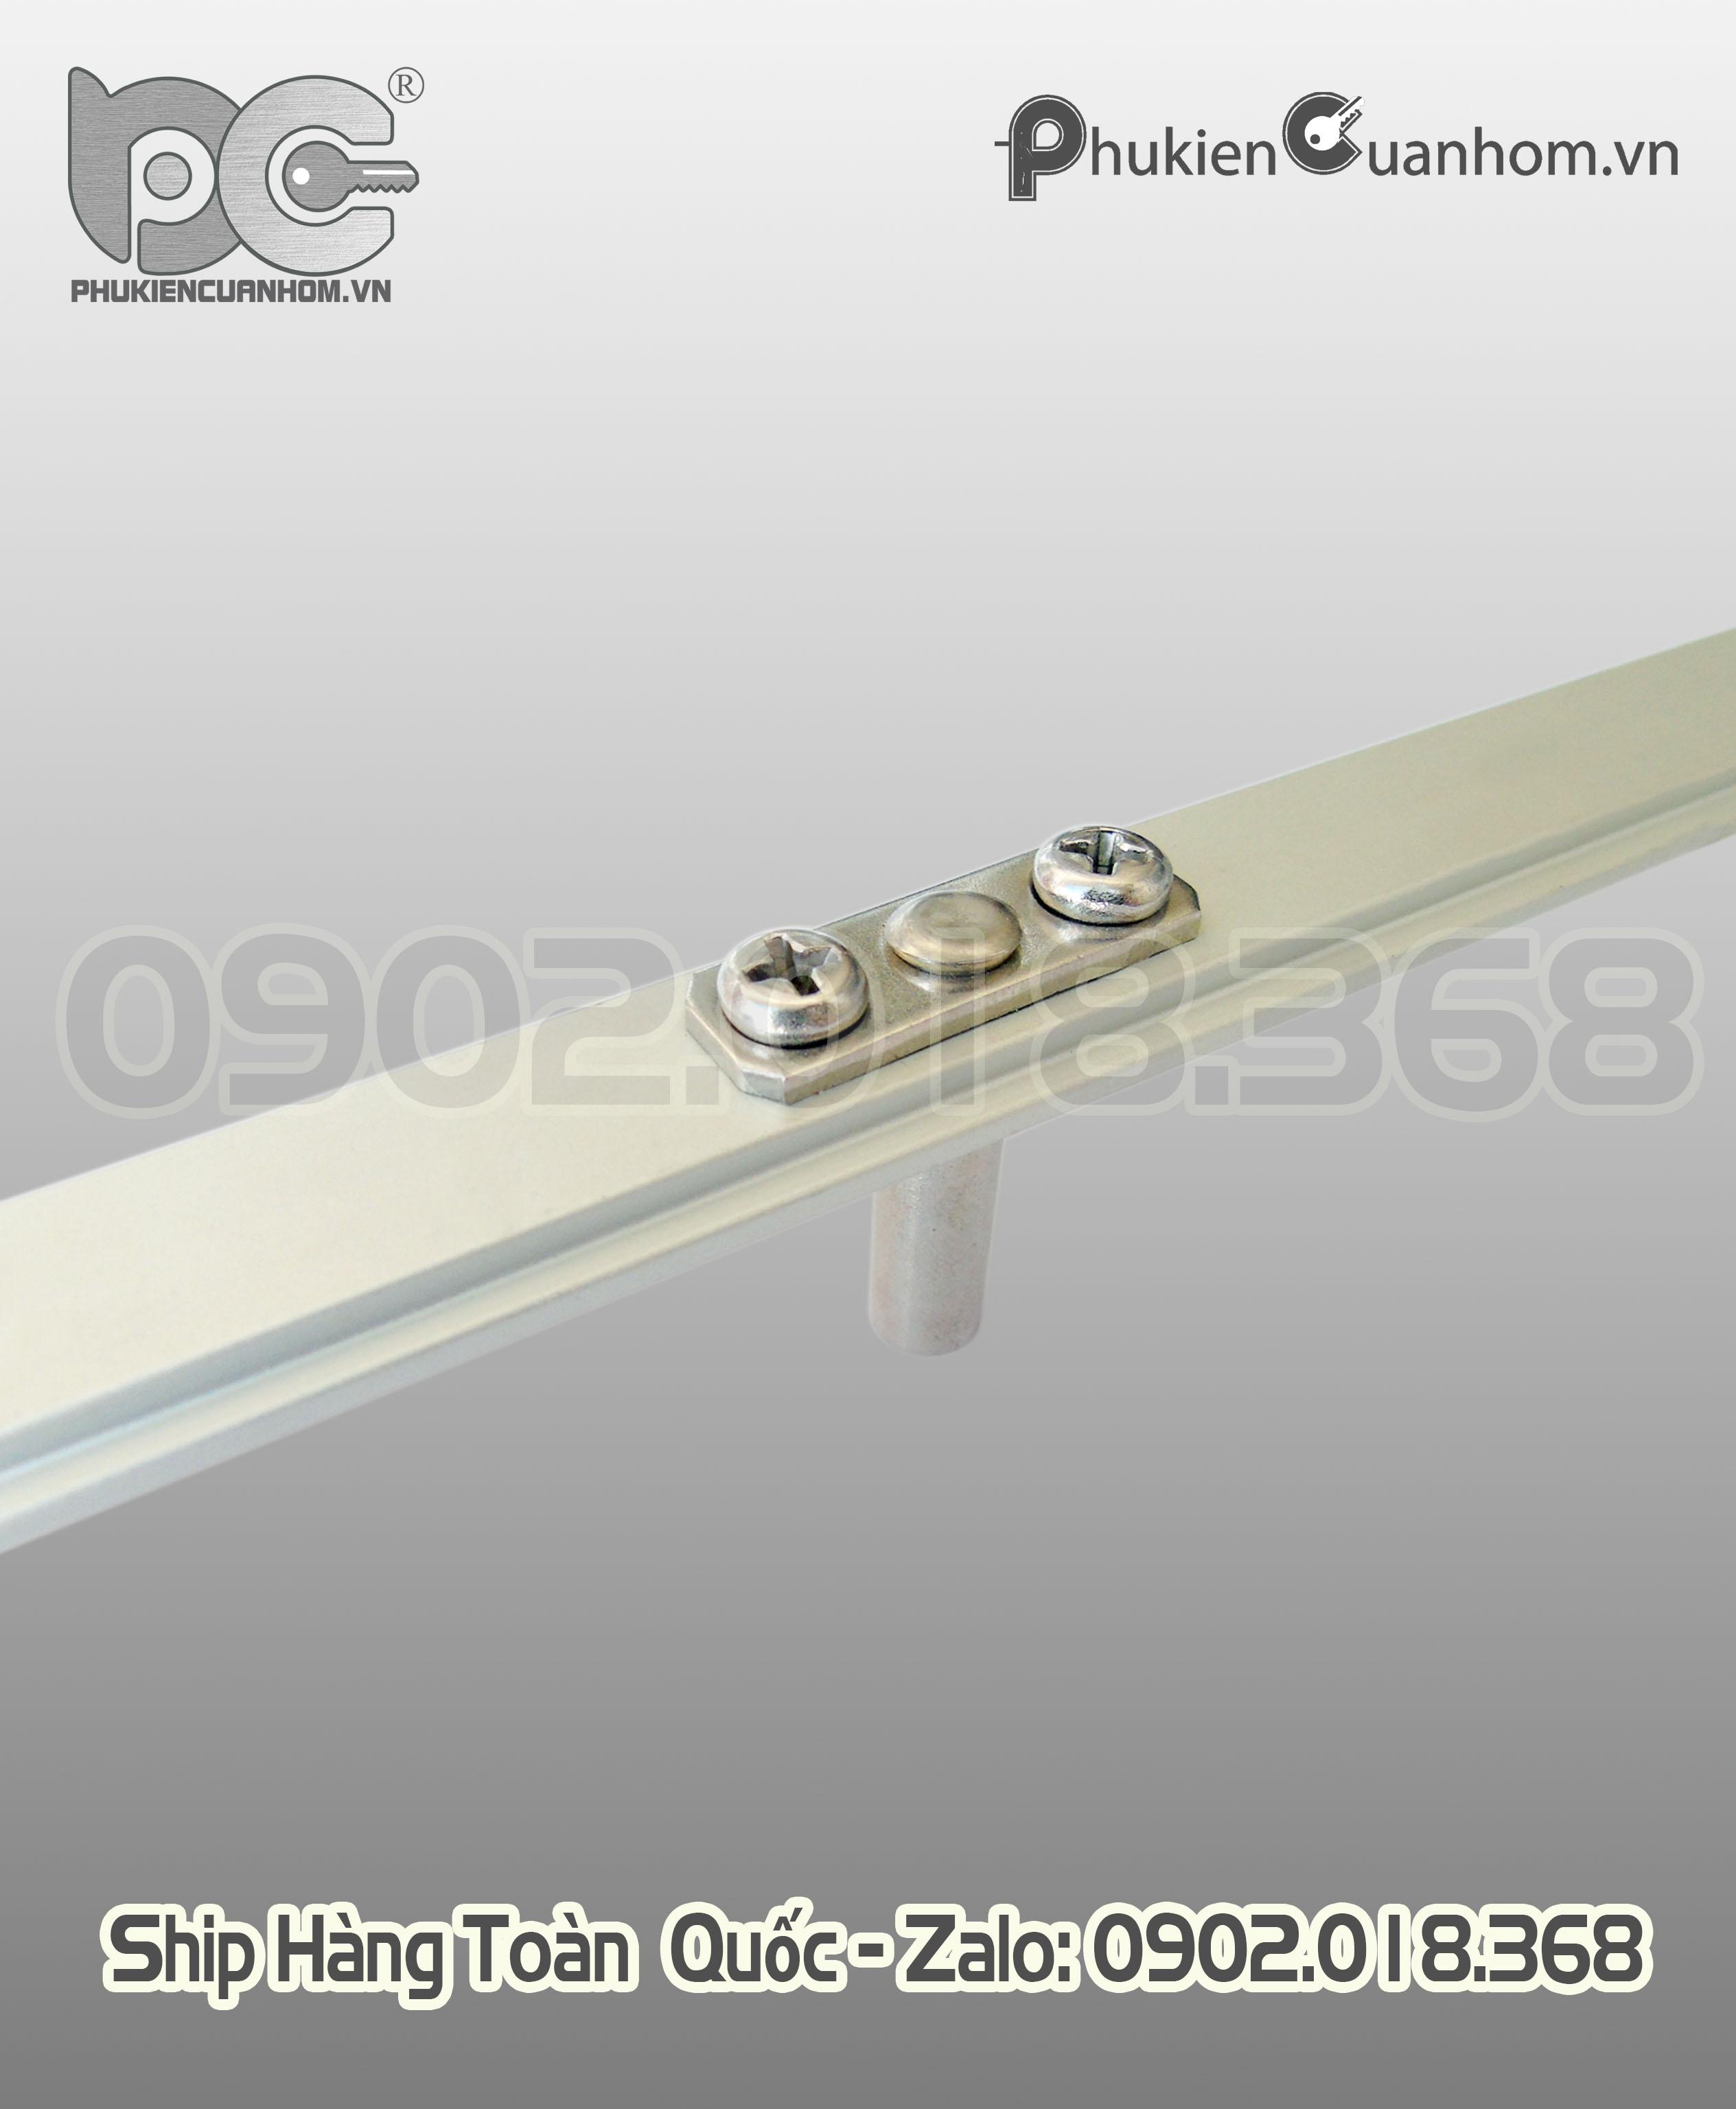 Thanh đa điểm cửa sổ mở nhôm Xingfa hệ 55 dài 400mm LZDC01-400